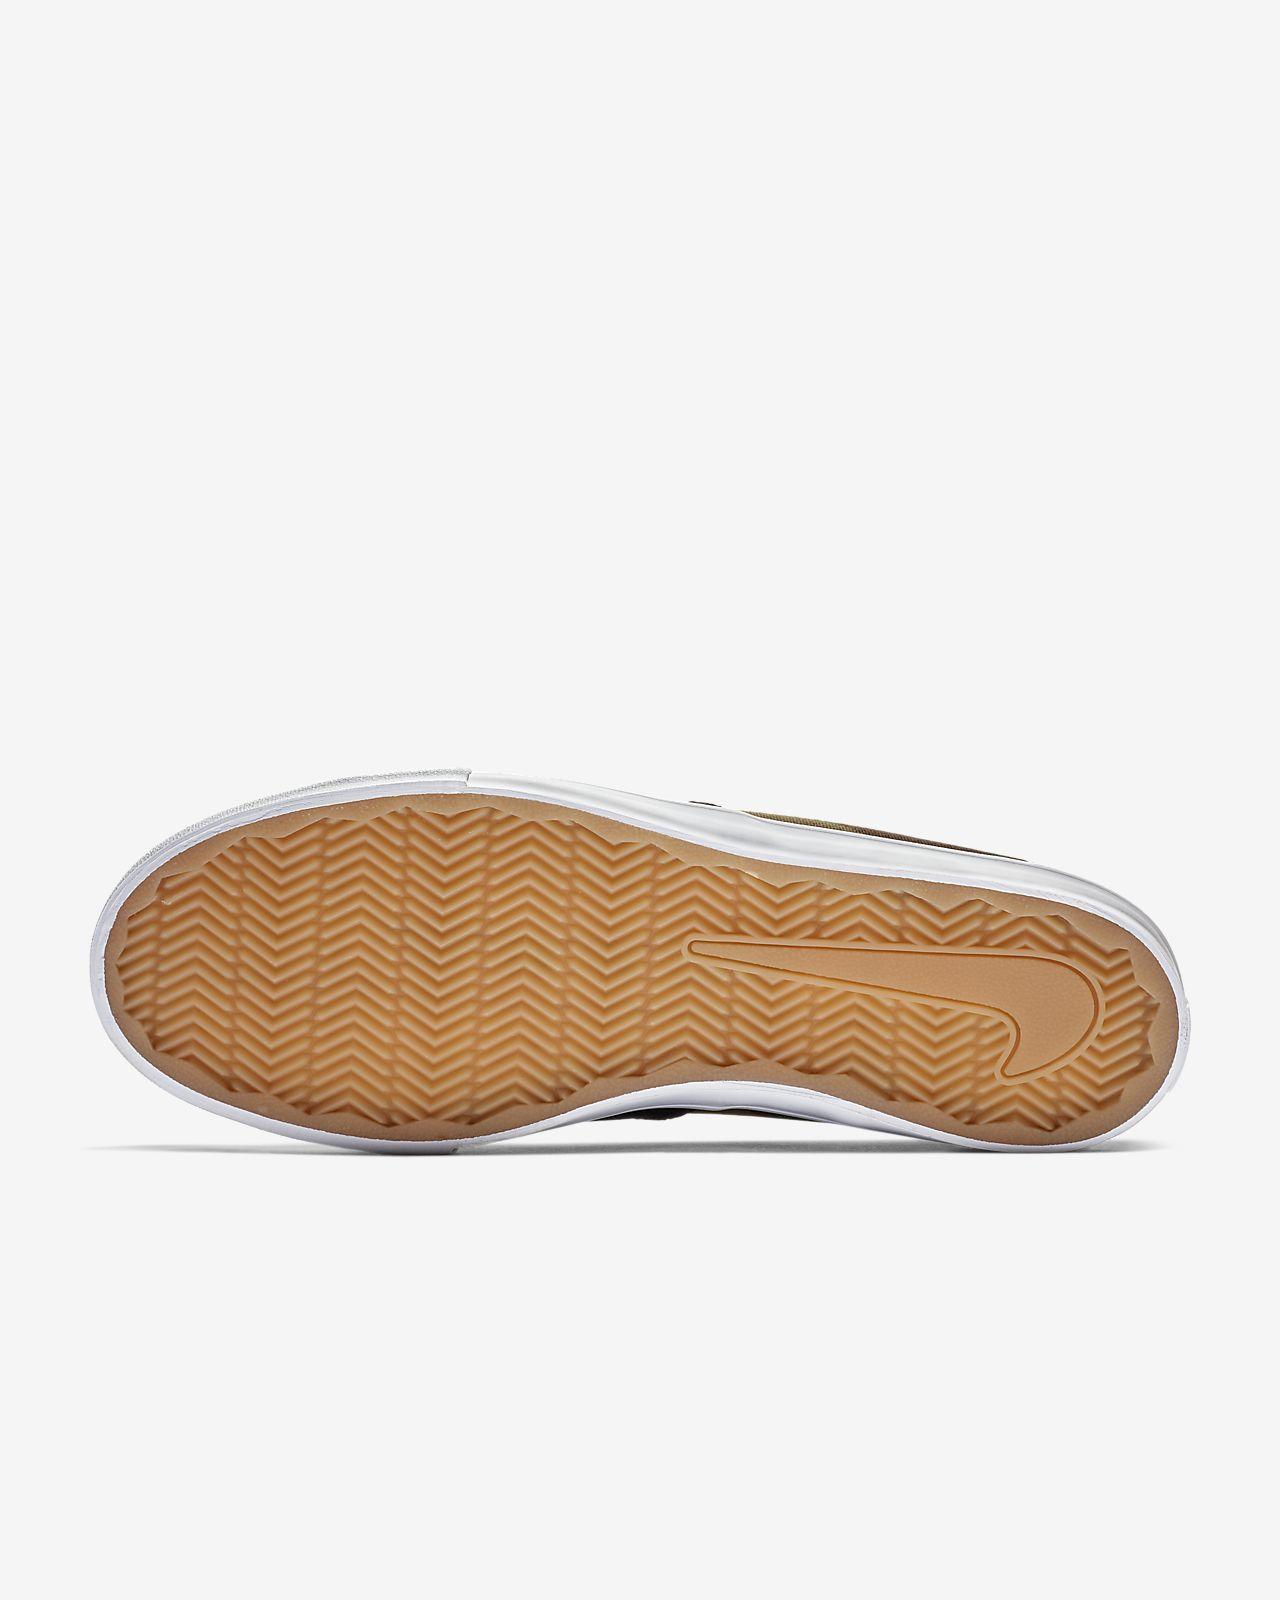 f55218be865b Nike SB Portmore II Solarsoft Slip-on Men s Skateboarding Shoe. Nike ...